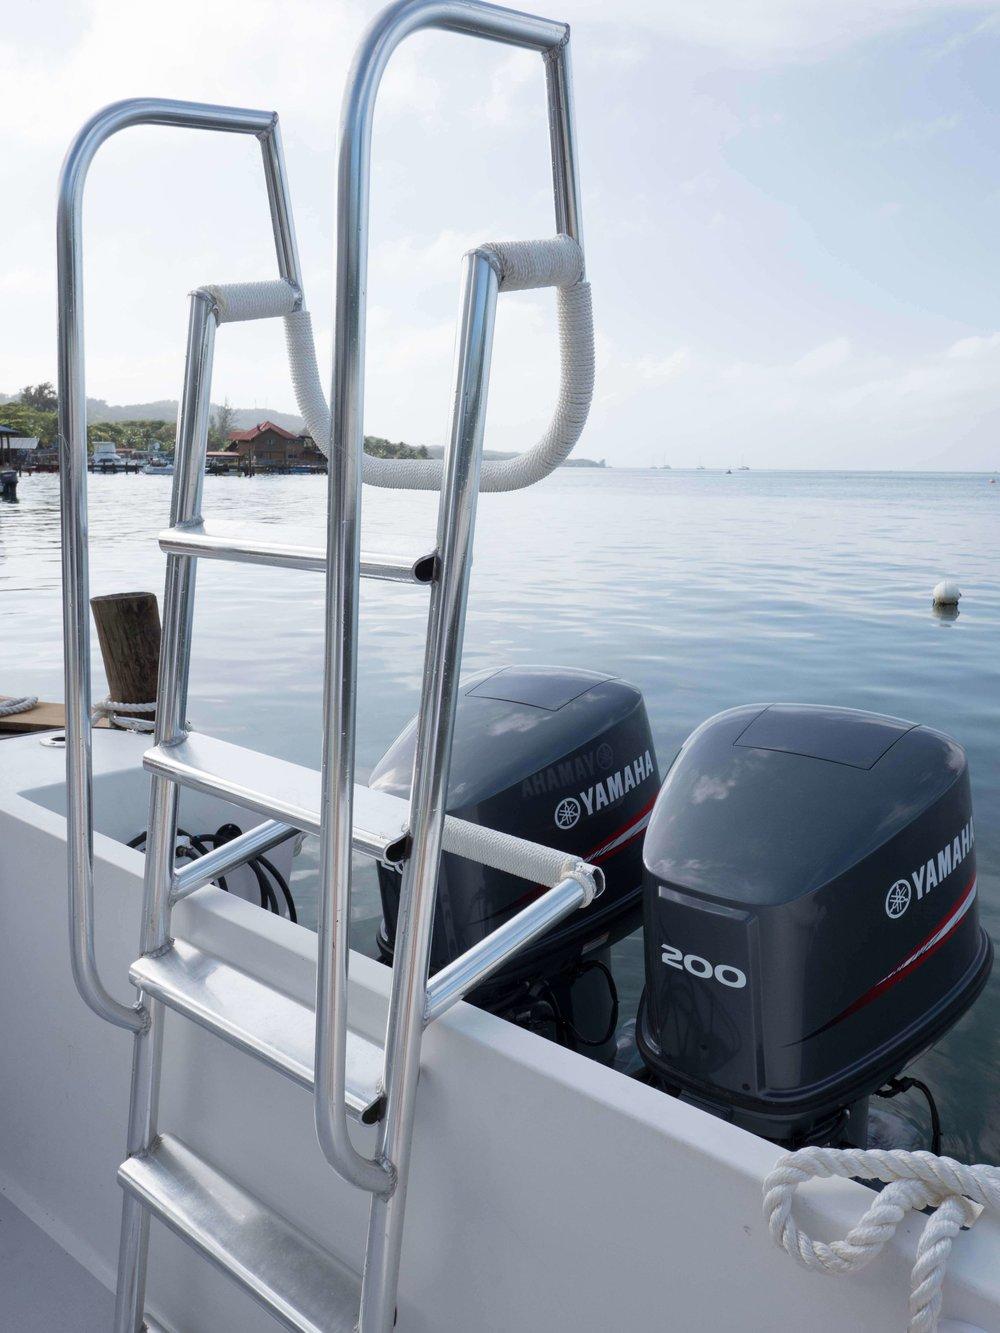 Roatan Divers' boat, Saga